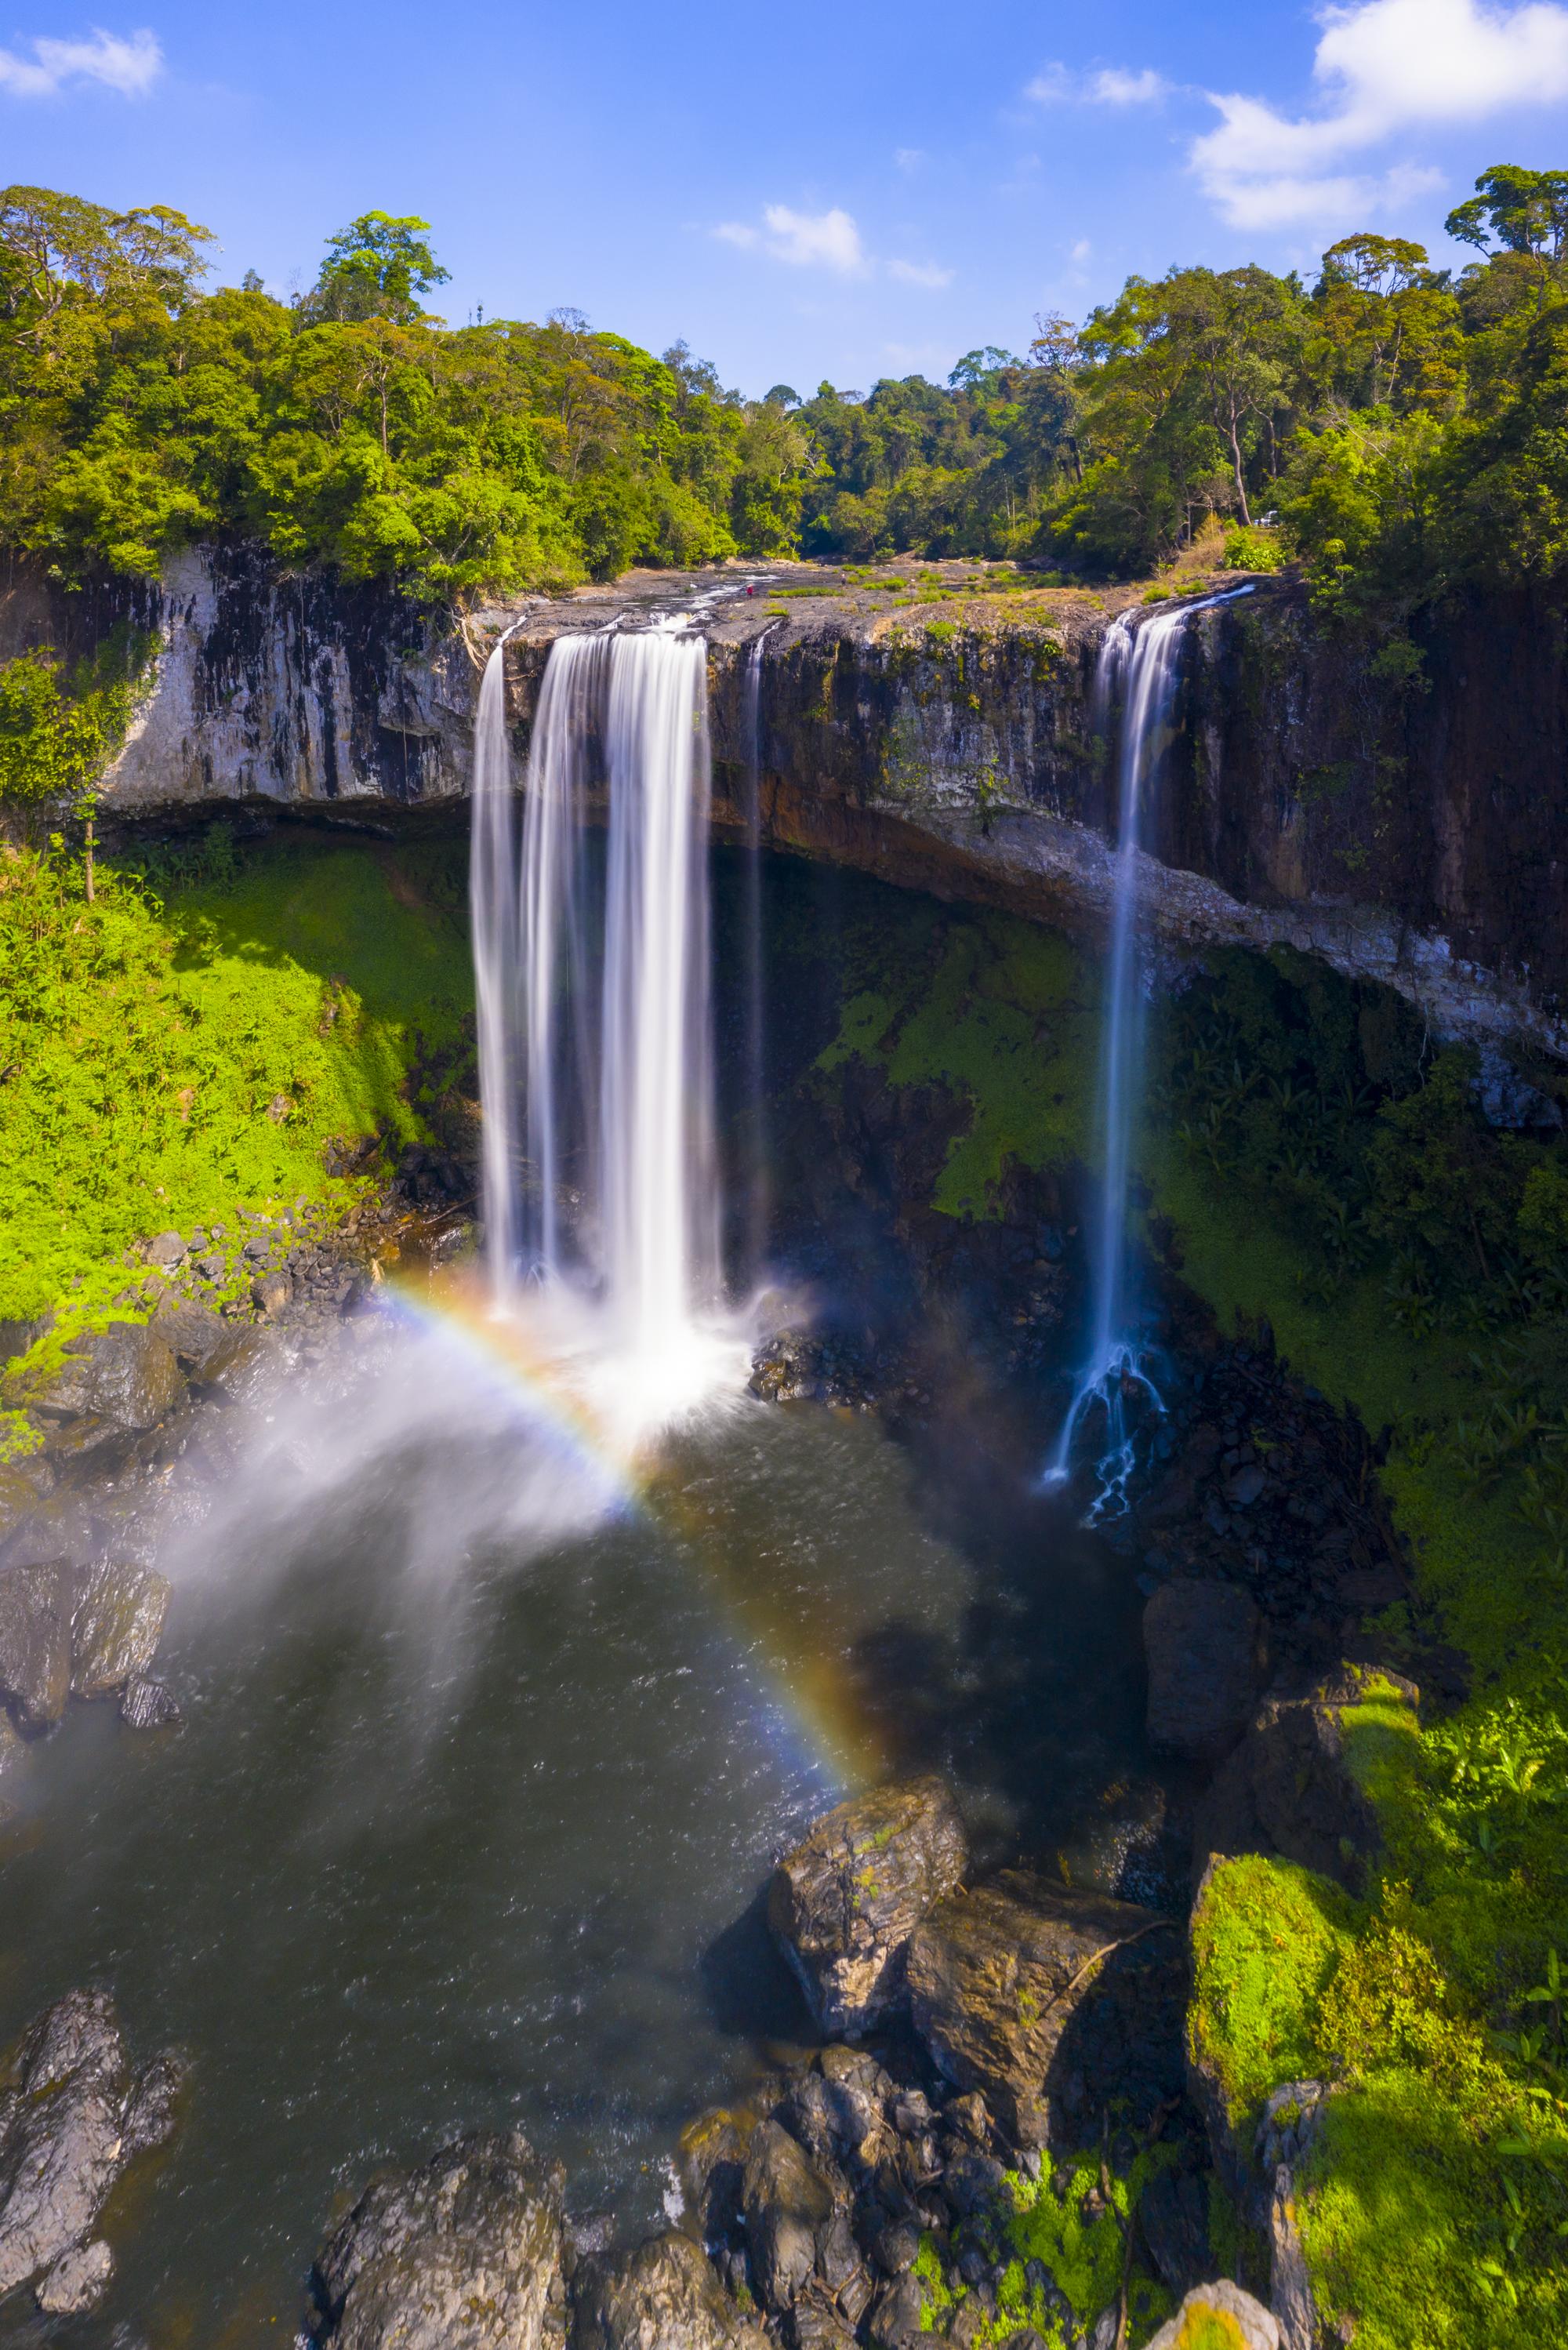 Ngắm thác nước được ví như 'nàng công chúa ngủ trong rừng' ở Tây Nguyên - Ảnh 4.